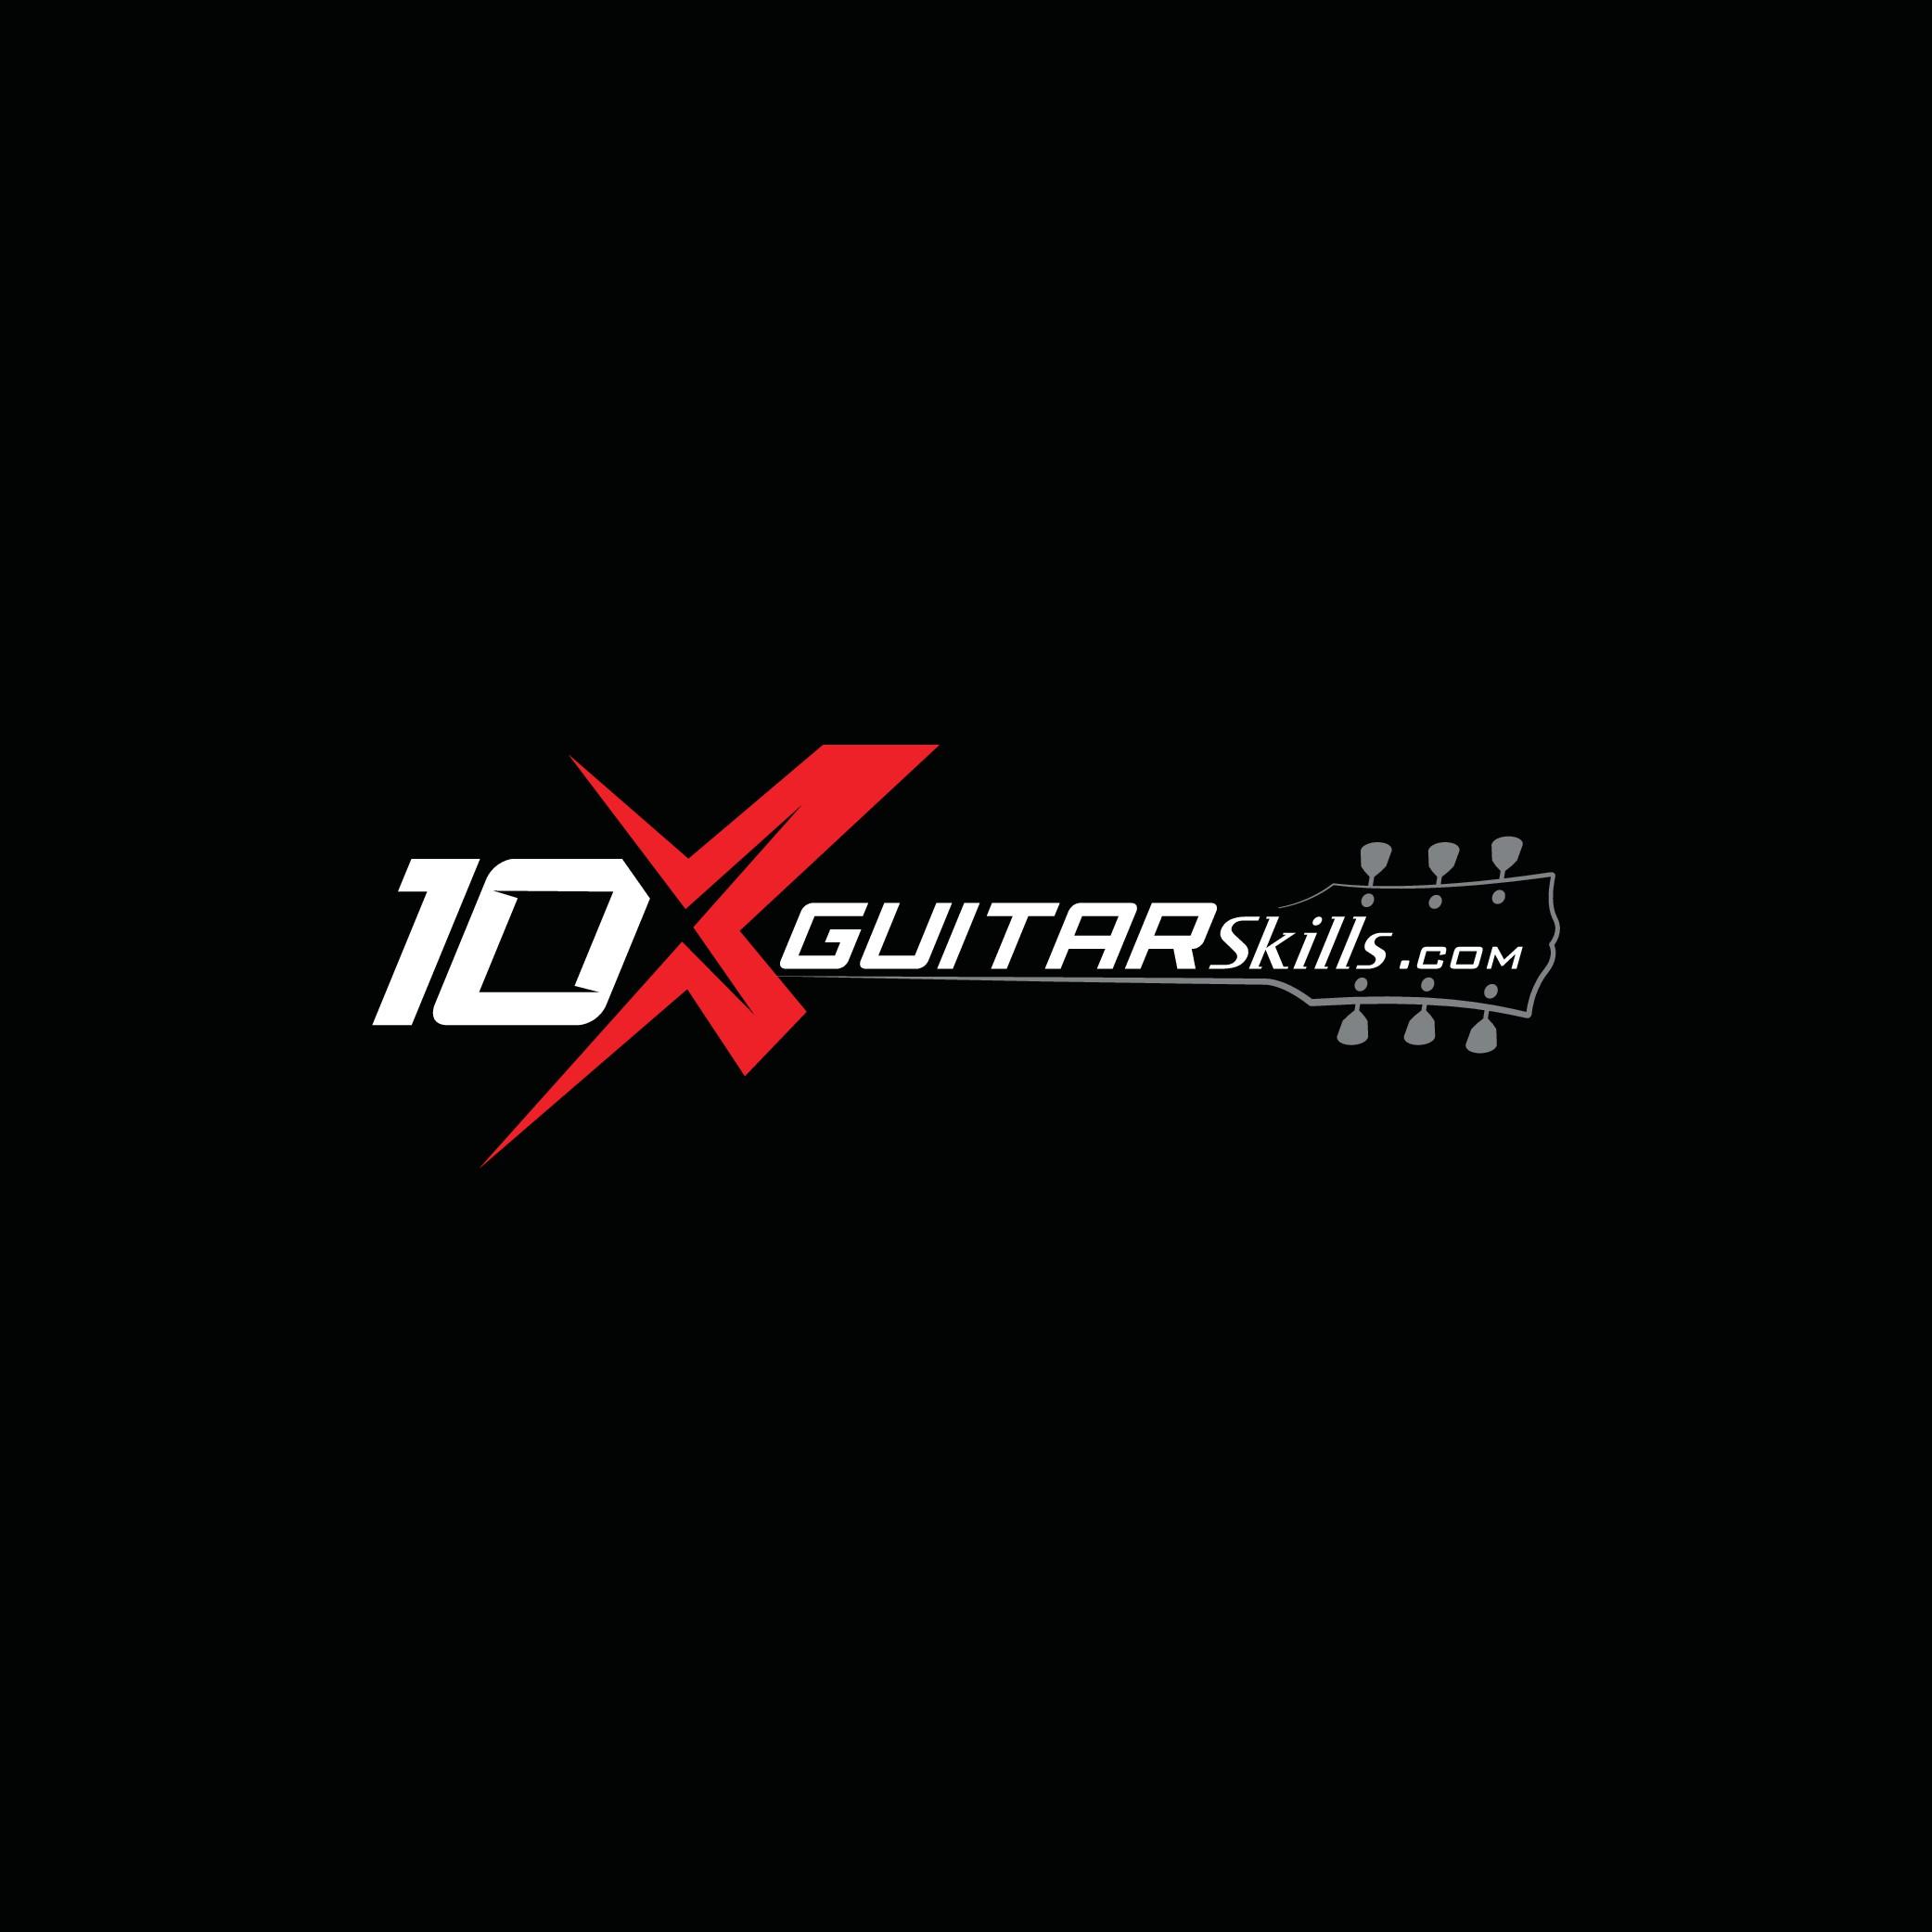 High-tech Rock Guitar website needs powerful logo